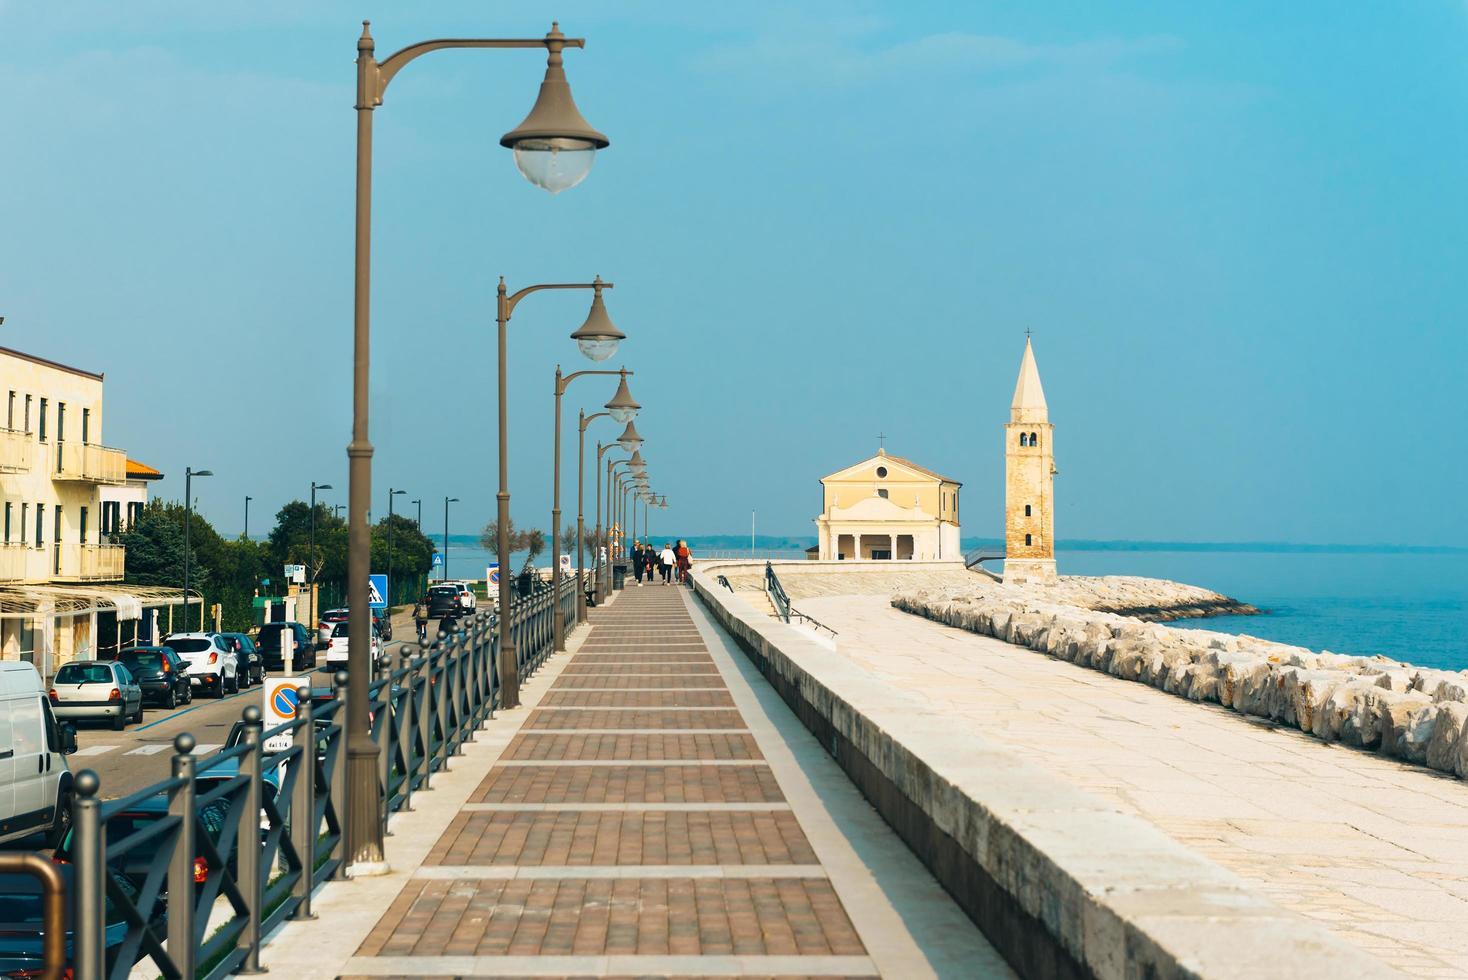 caorle, itália 2017- igreja de nossa senhora do anjo na praia de caorle itália foto